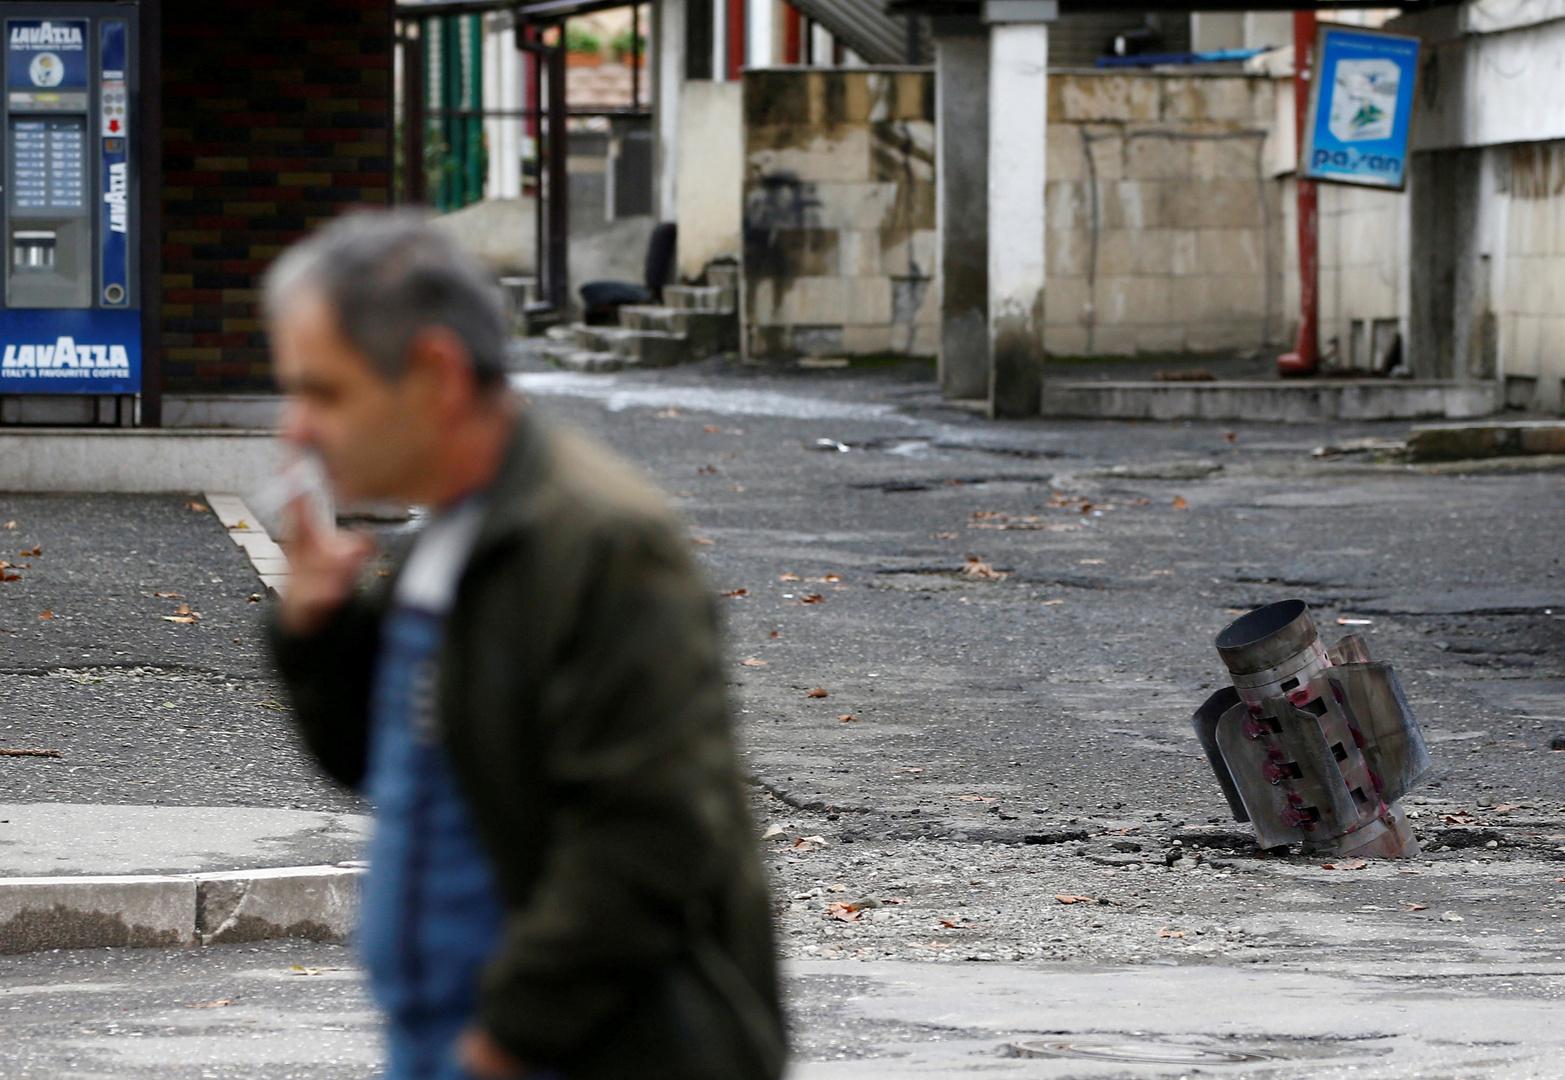 لماذا تتباطأ أرمينيا في اللجوء إلى منظمة معاهدة الأمن الجماعي؟